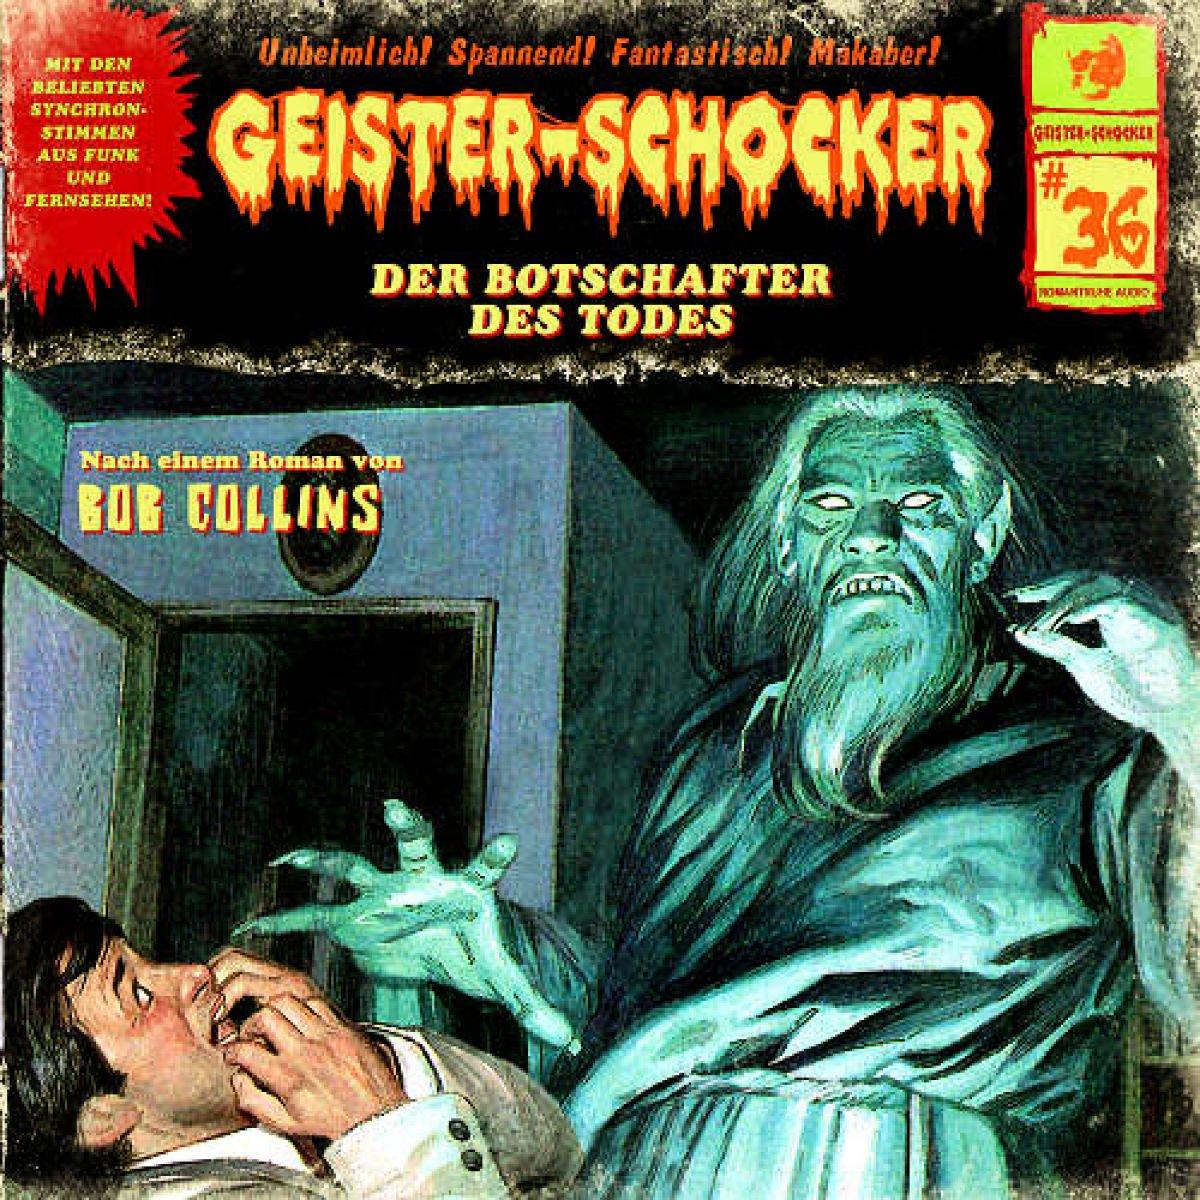 Geister-Schocker (36) Der Botschafter des Todes (Romantruhe Audio)